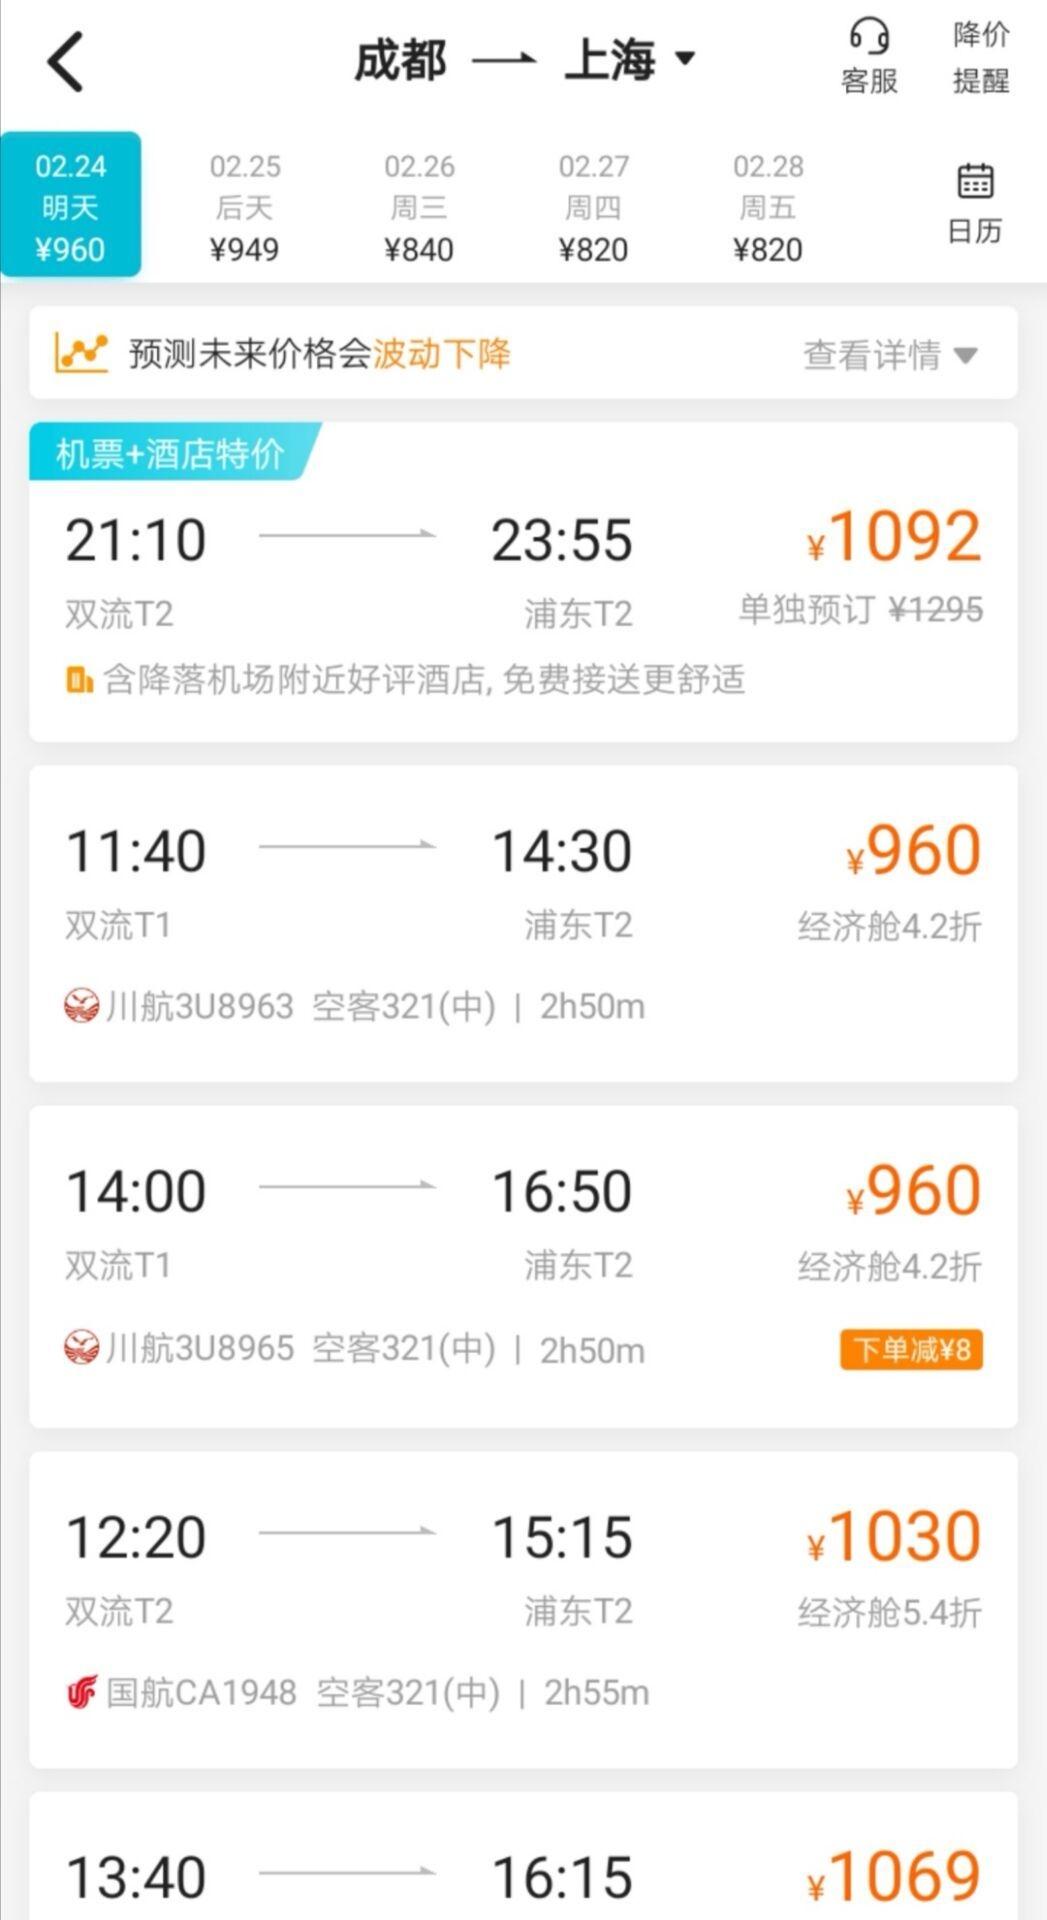 2月24日成都至上海的机票价格在千元左右图片来源:去哪儿旅行App截图